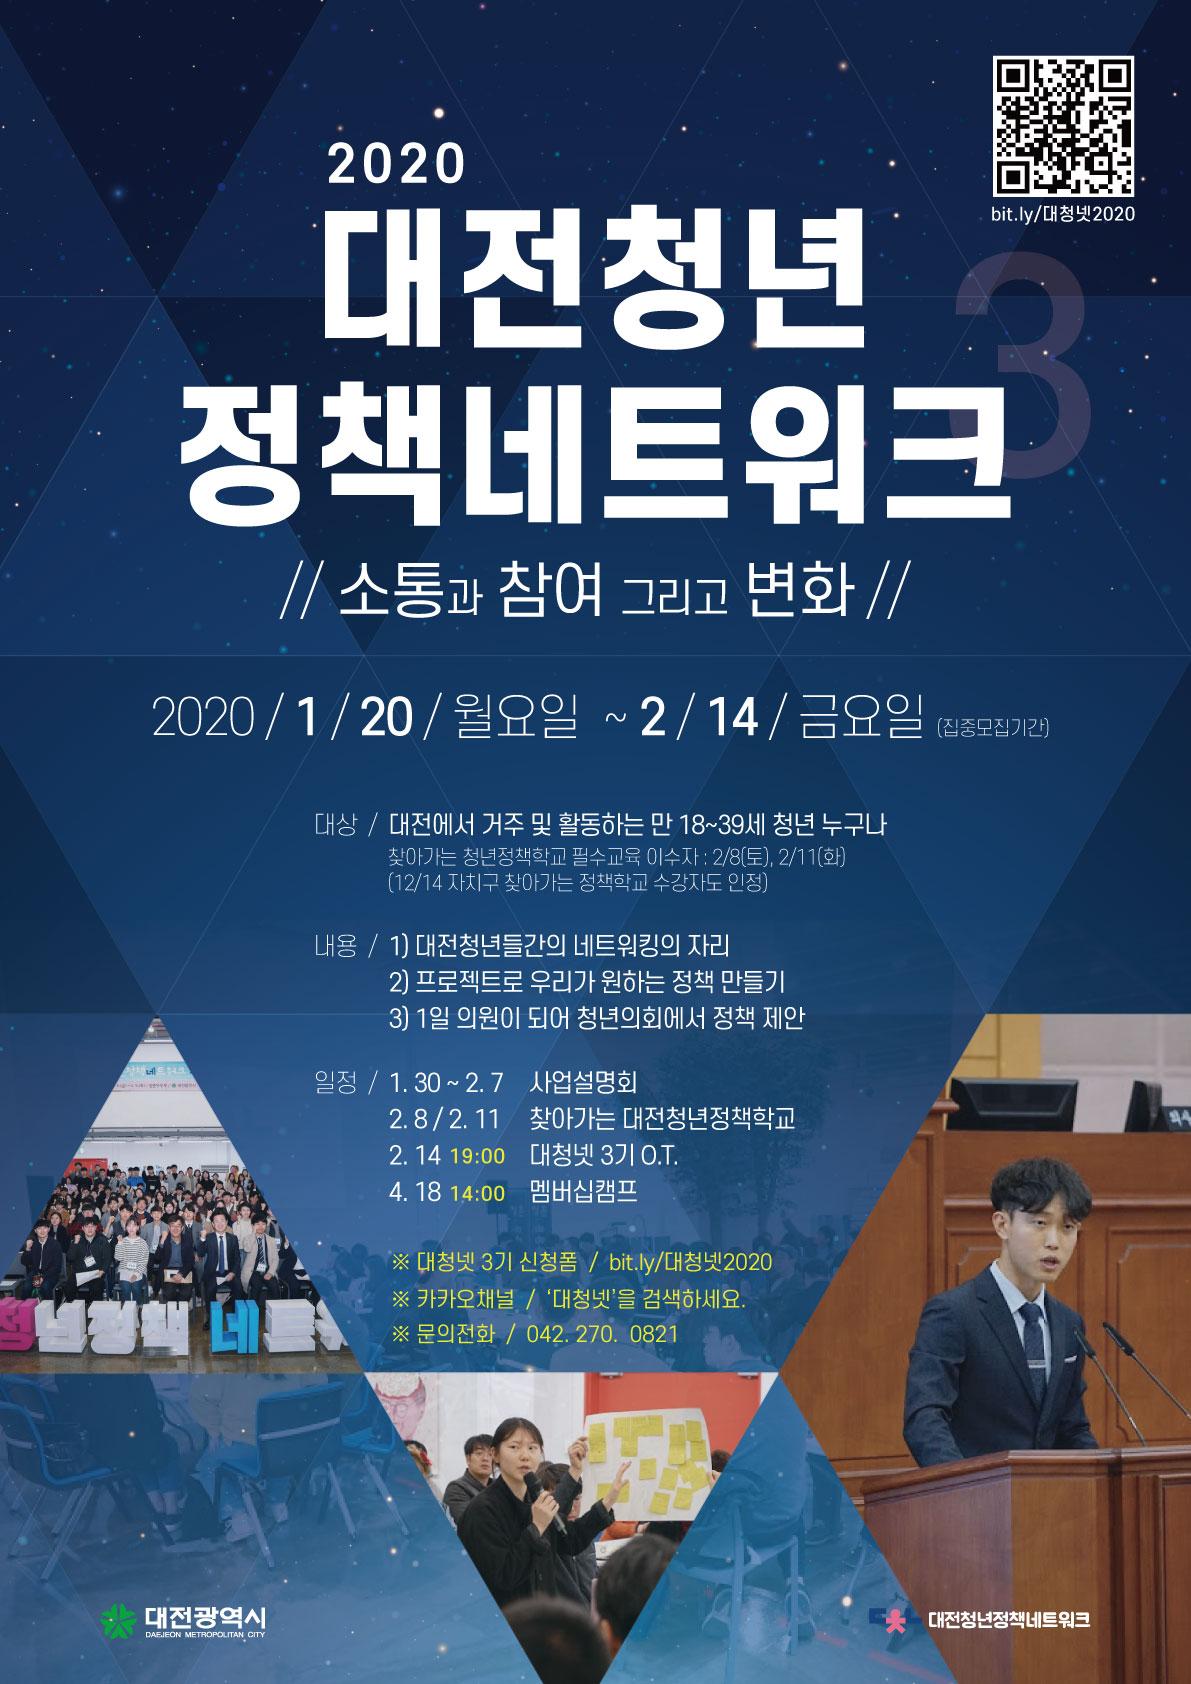 2020 대전청년정책네트워크 3기를 모집합니다!